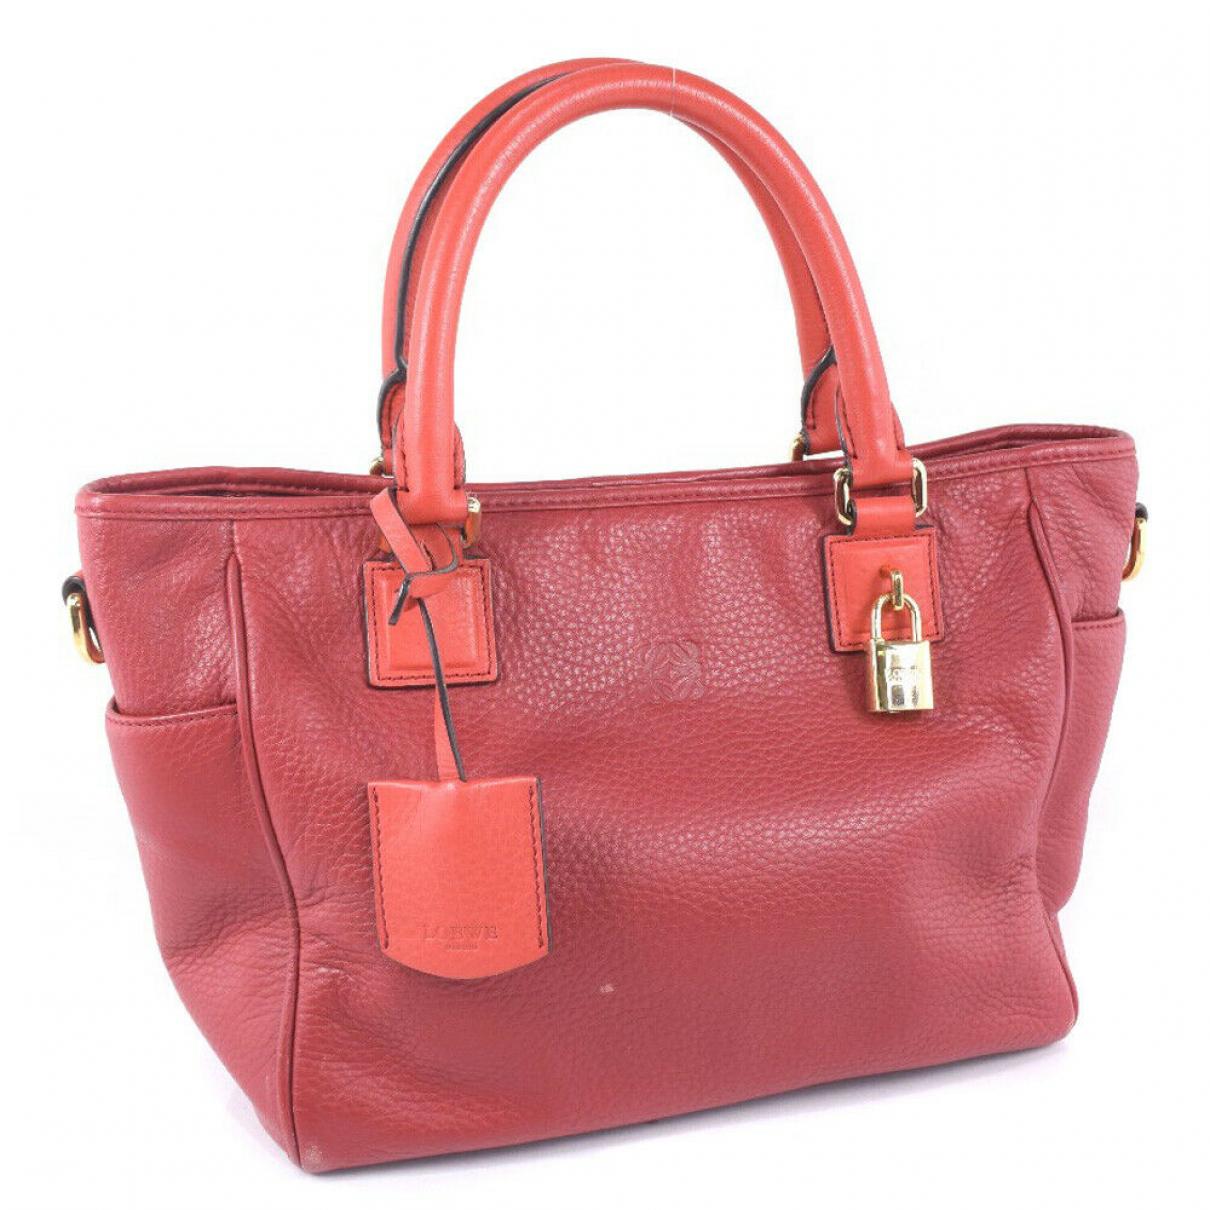 Loewe \N Leather handbag for Women \N